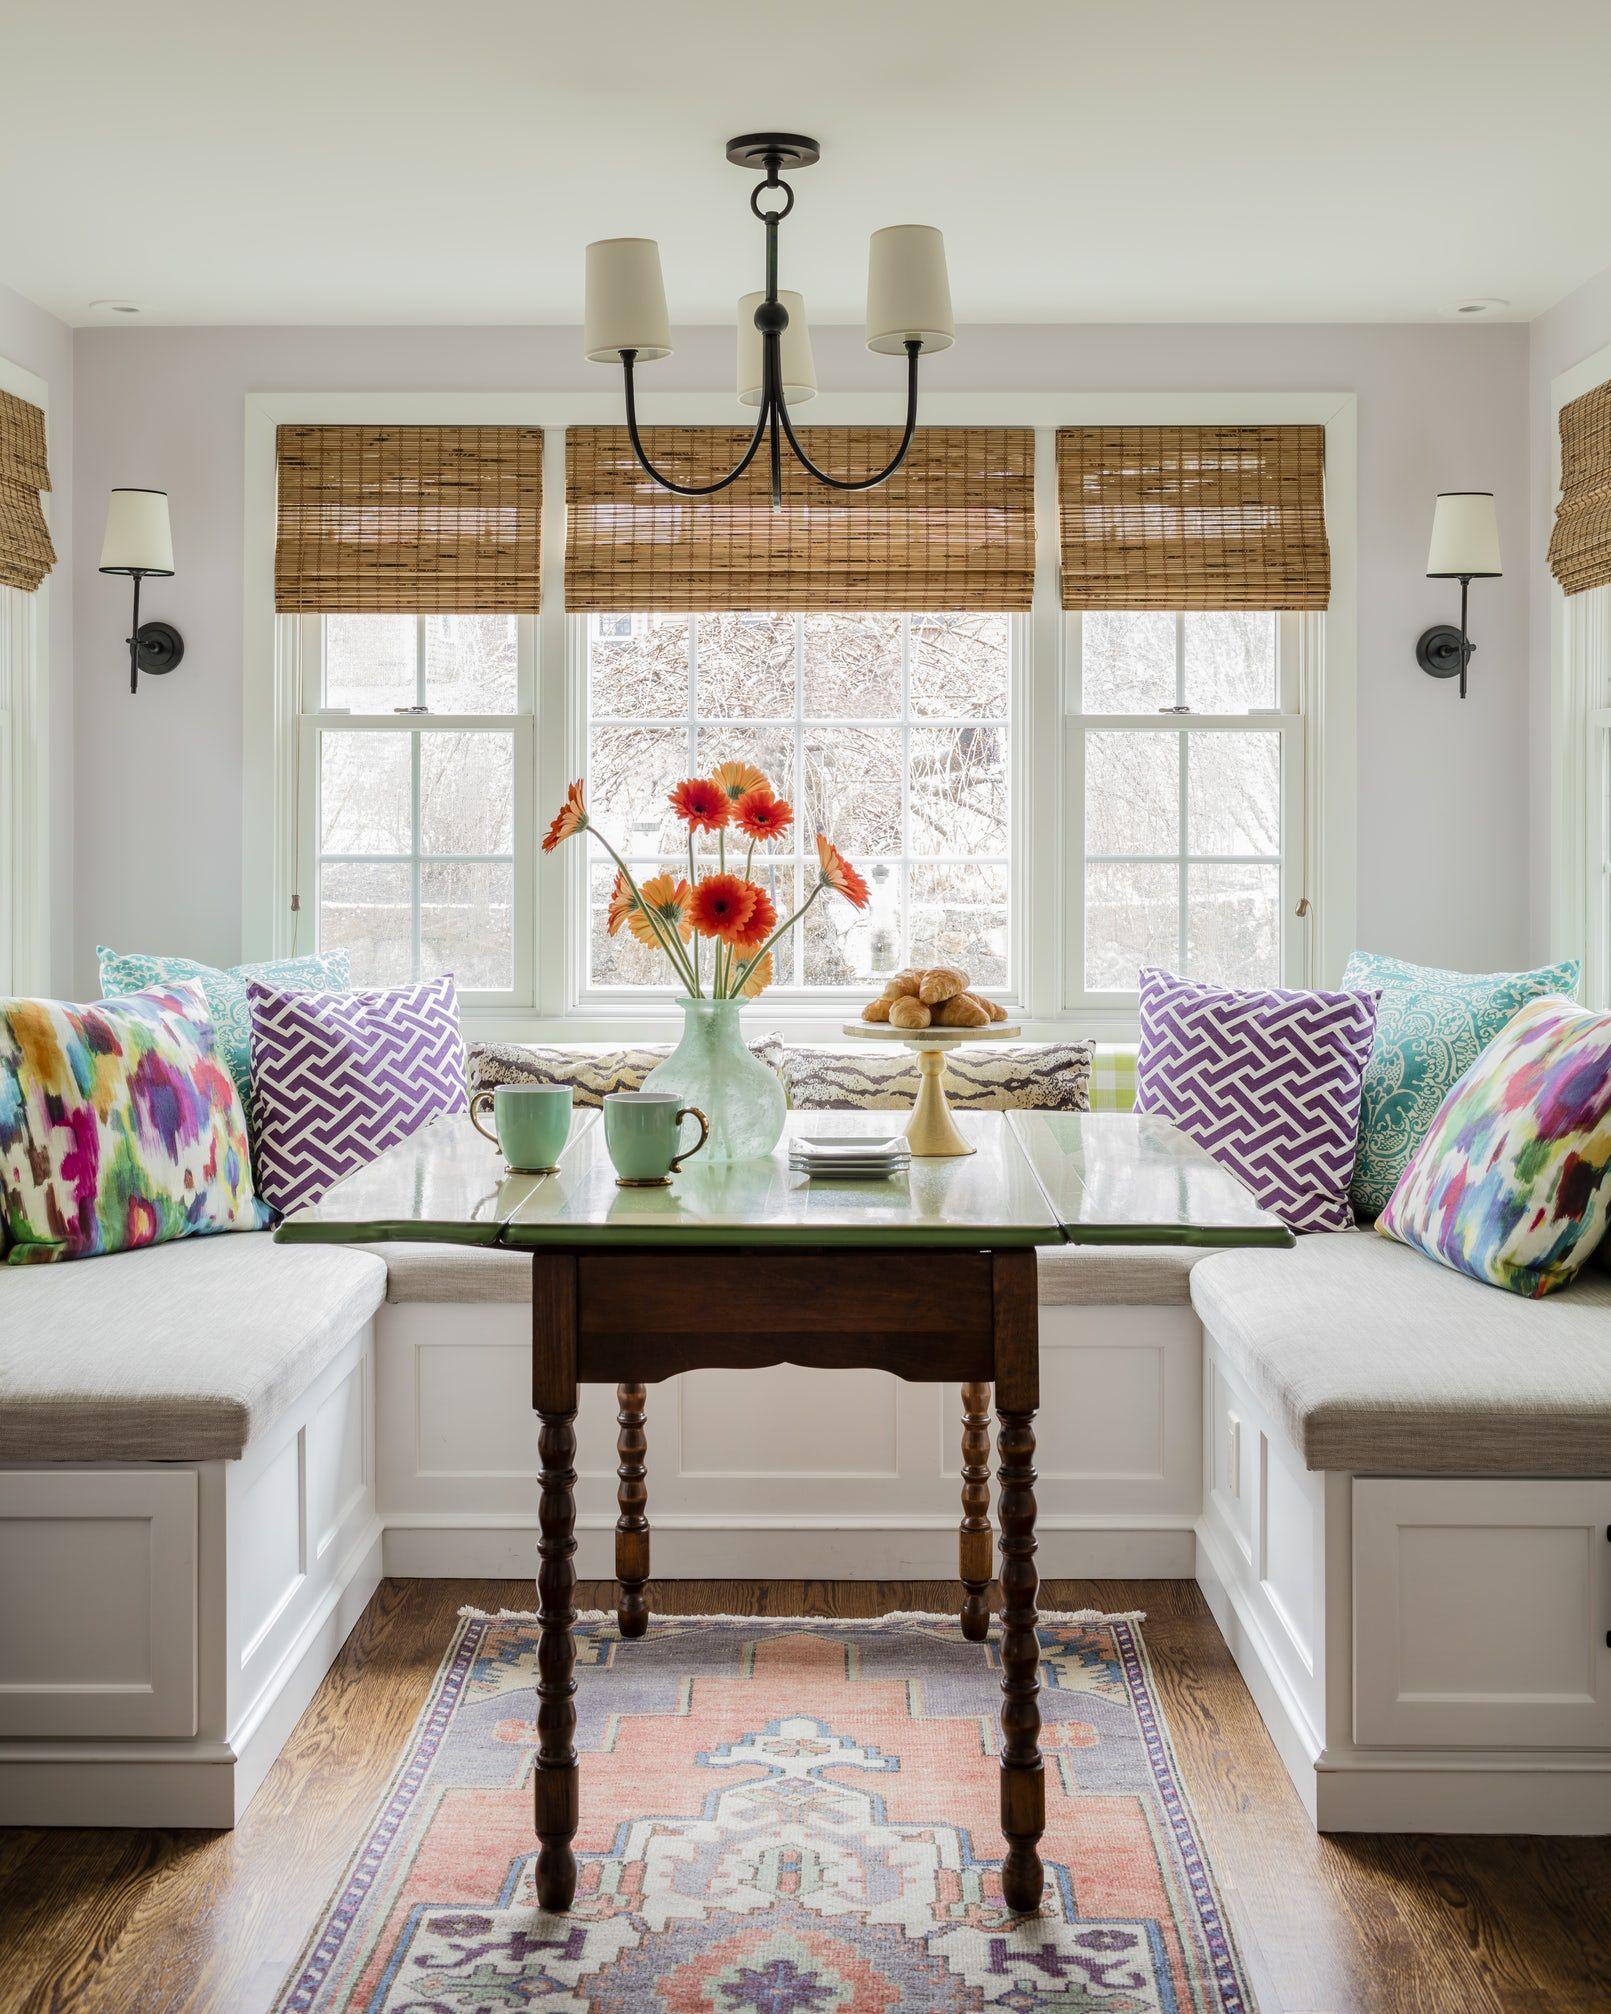 25 Charming Kitchen Banquette Ideas - Gorgeous Banquette ...